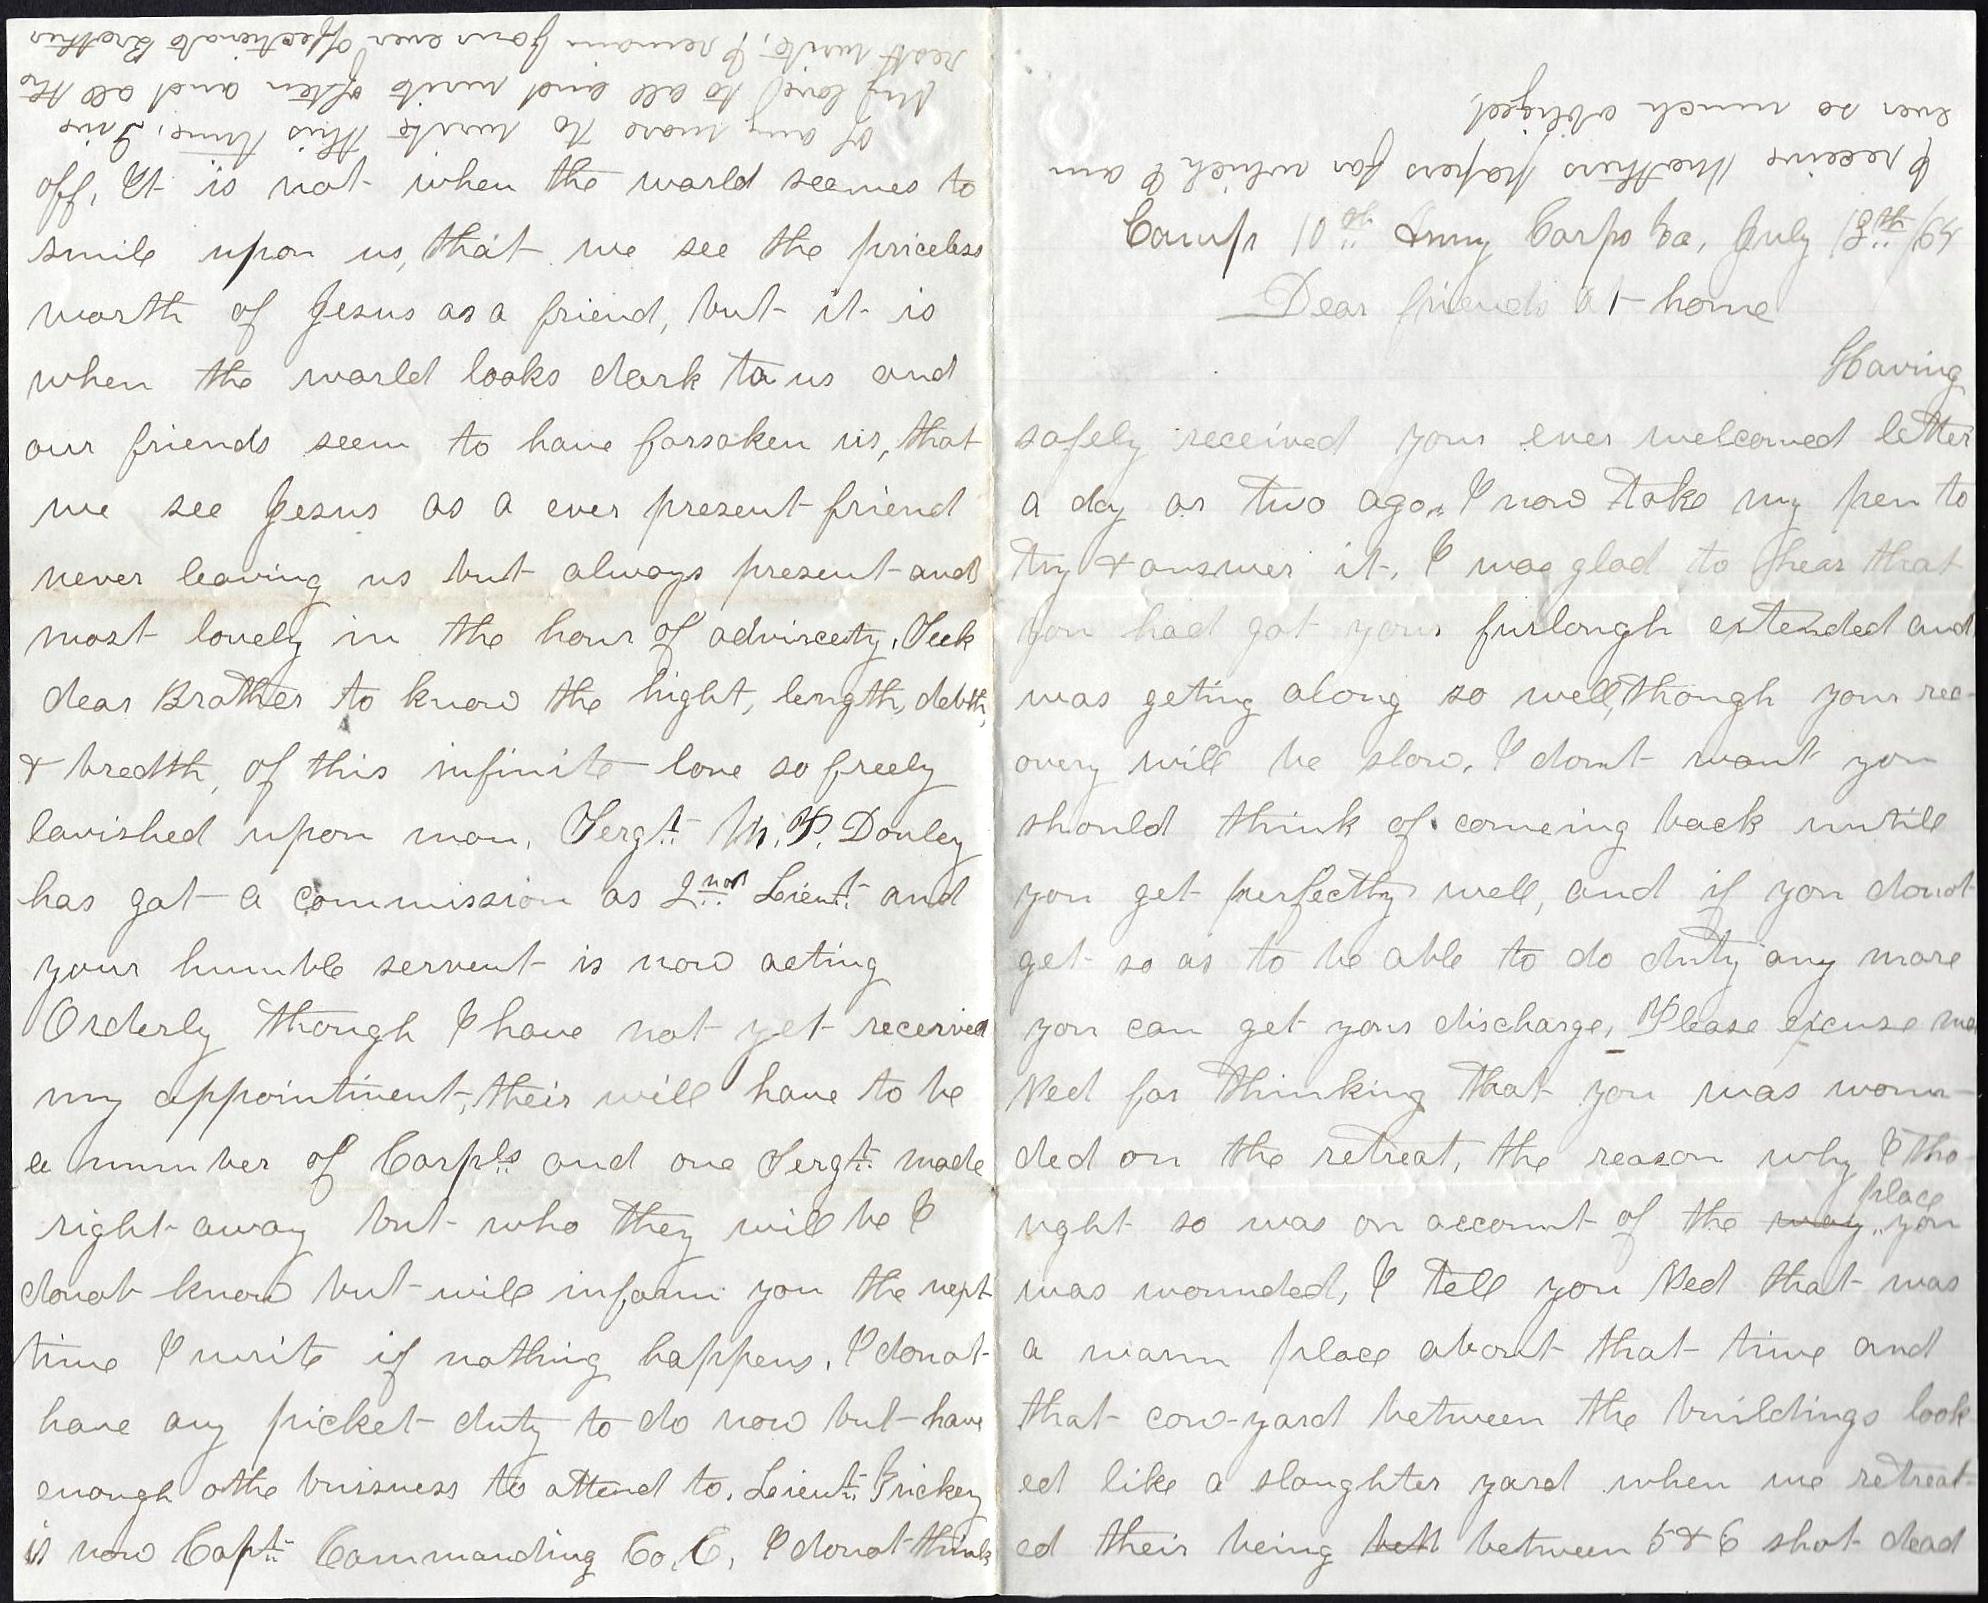 July 13, 1864